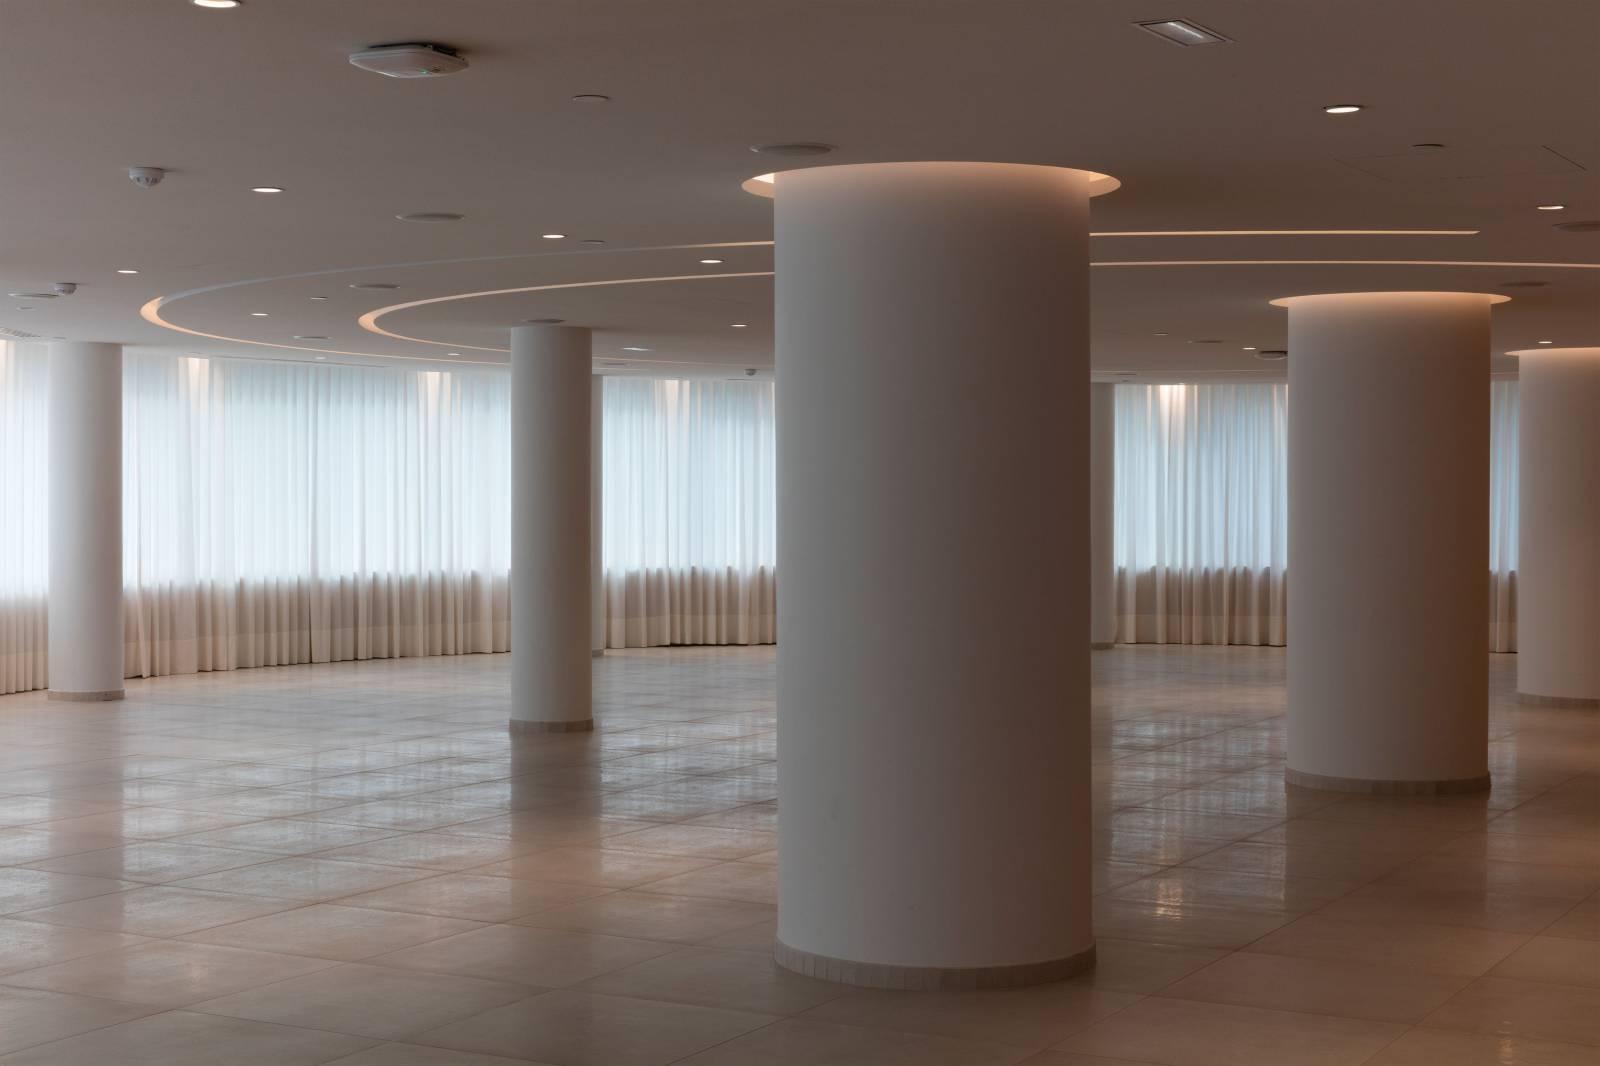 4 - Habillage de fenêtres pour Allianz